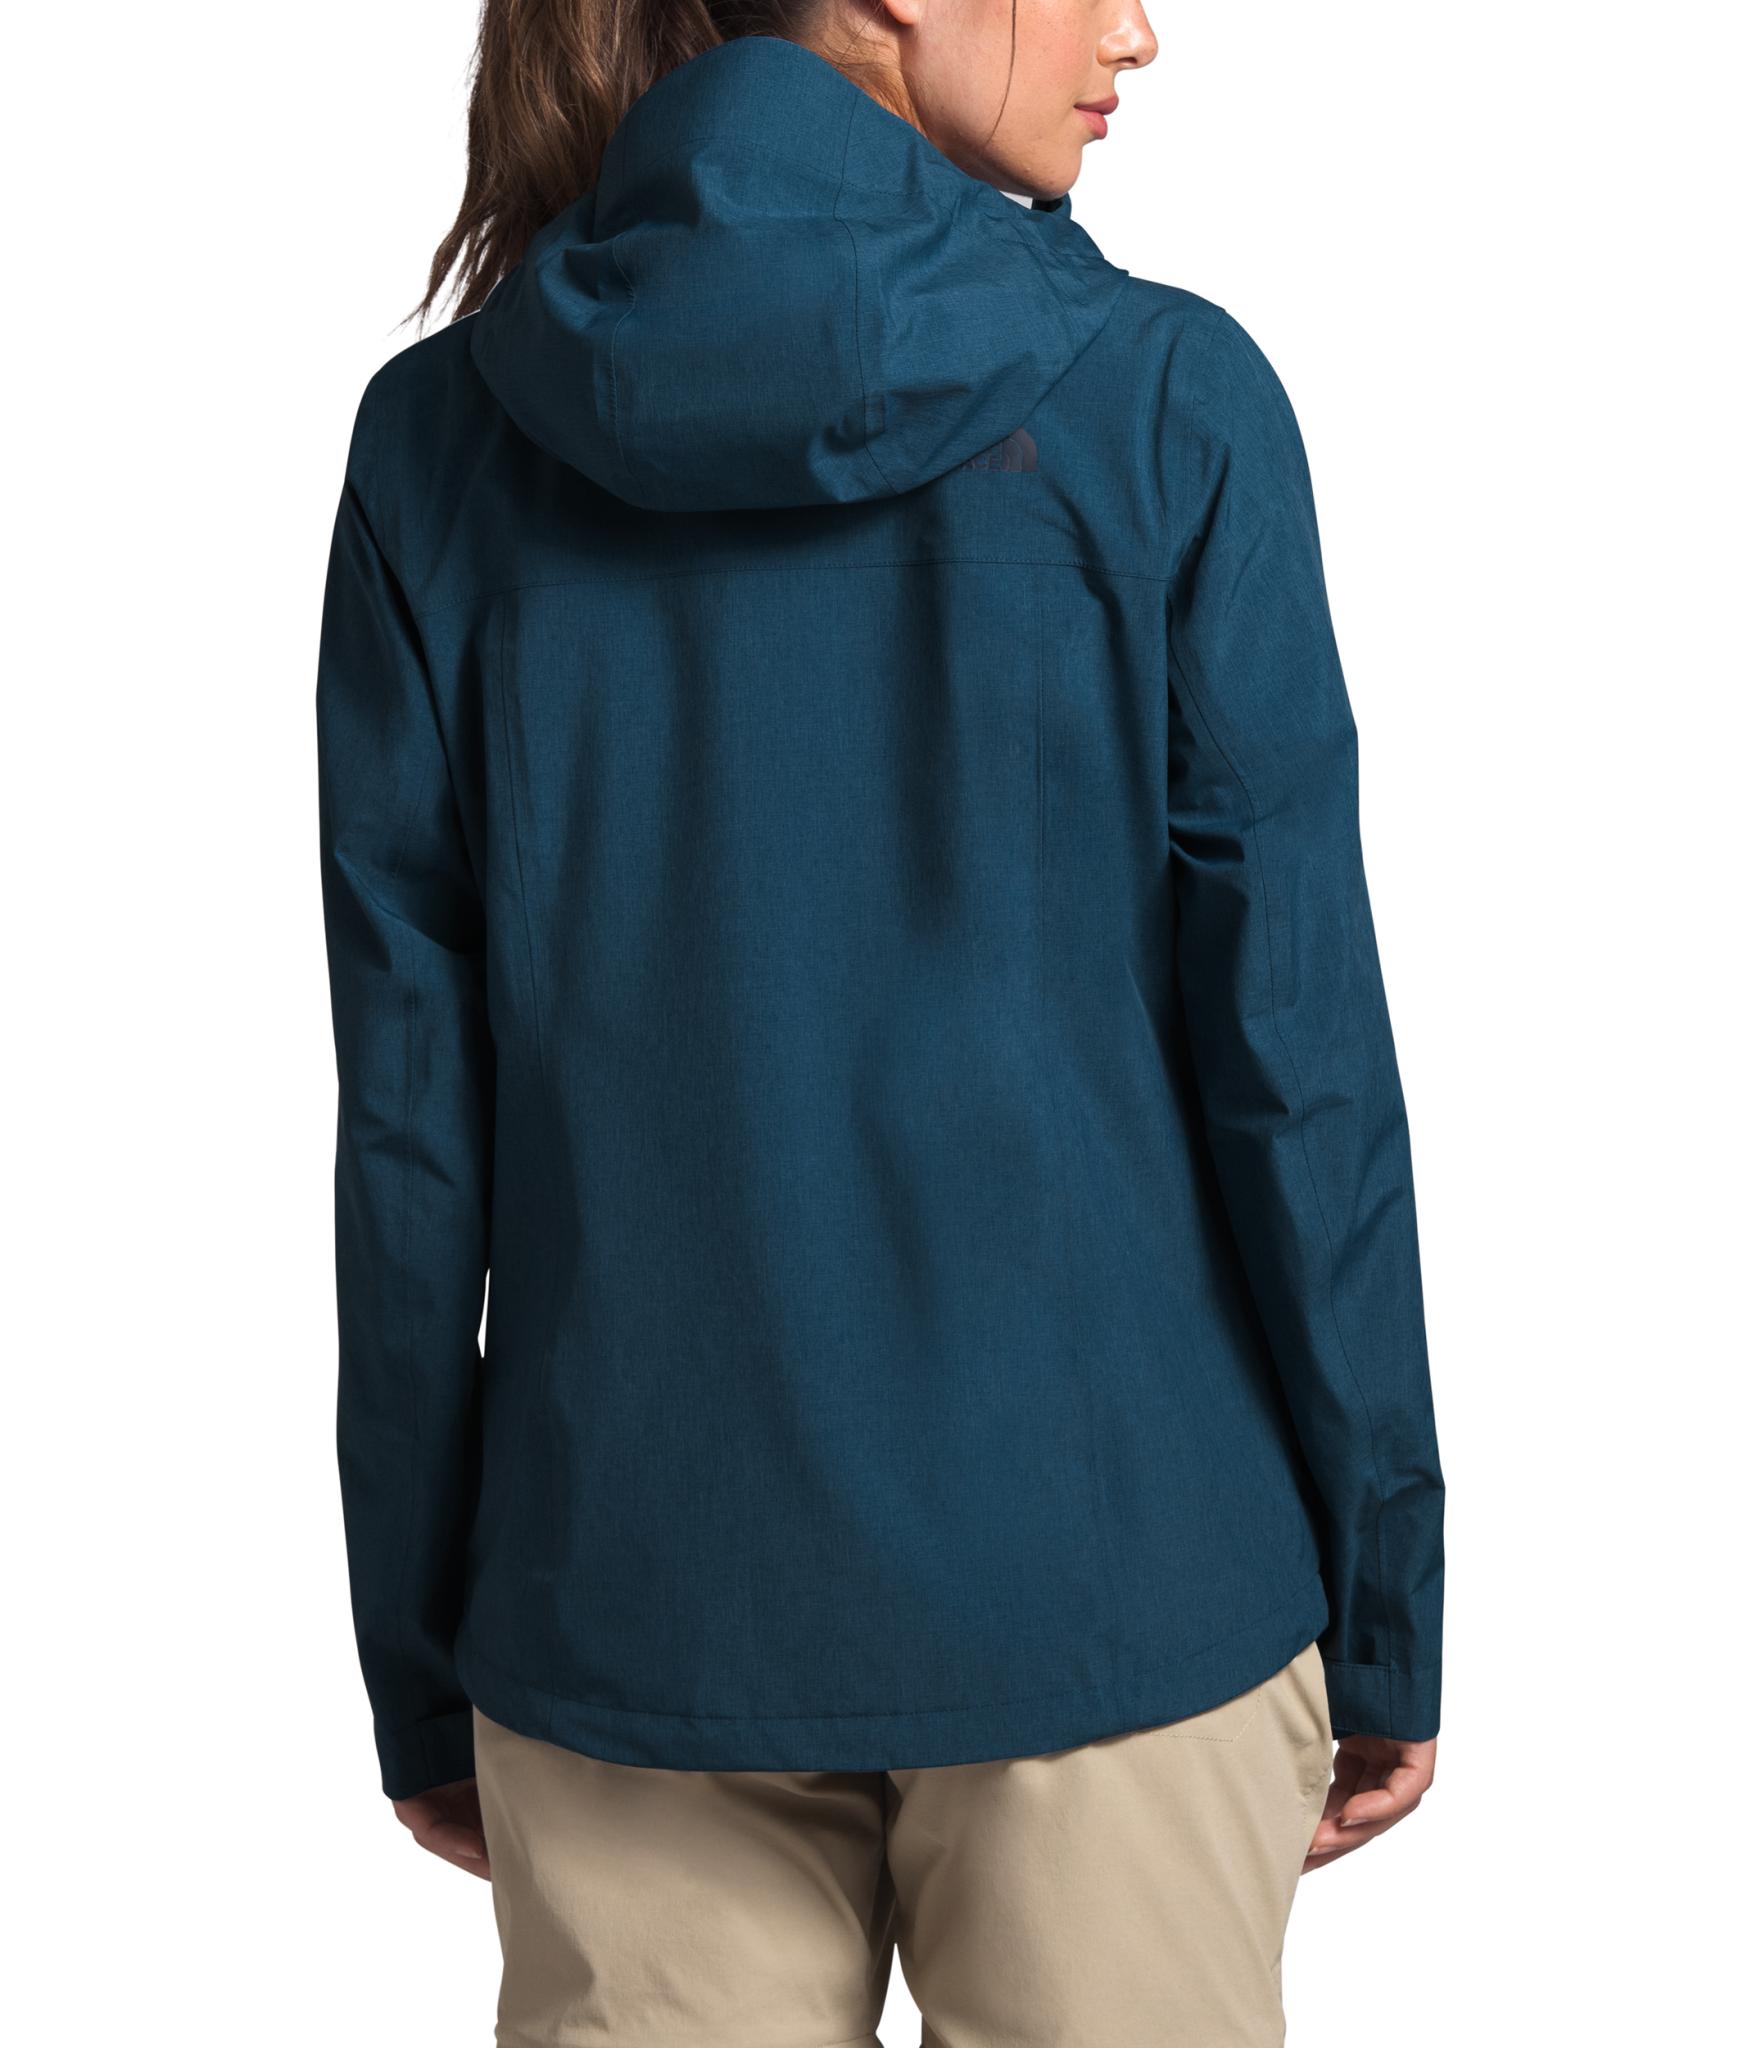 Women's Dryzzle FUTURELIGHT Rain Jacket-5